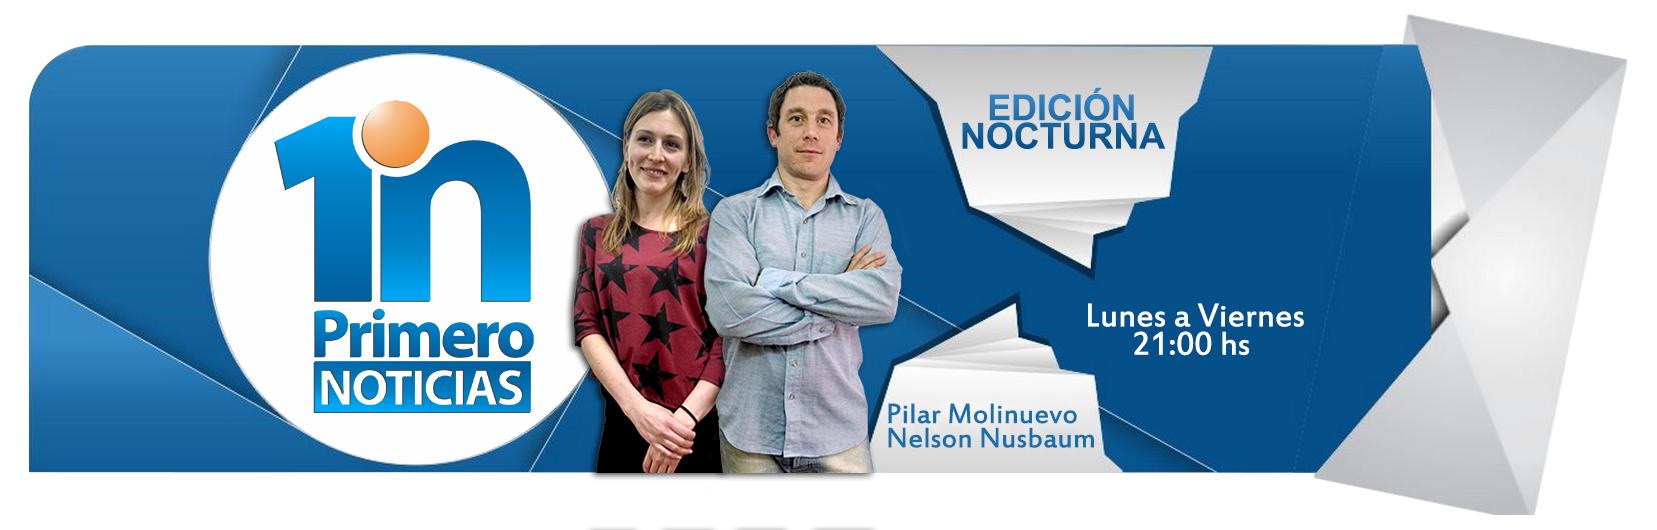 Flyer-Noti-NOCHE